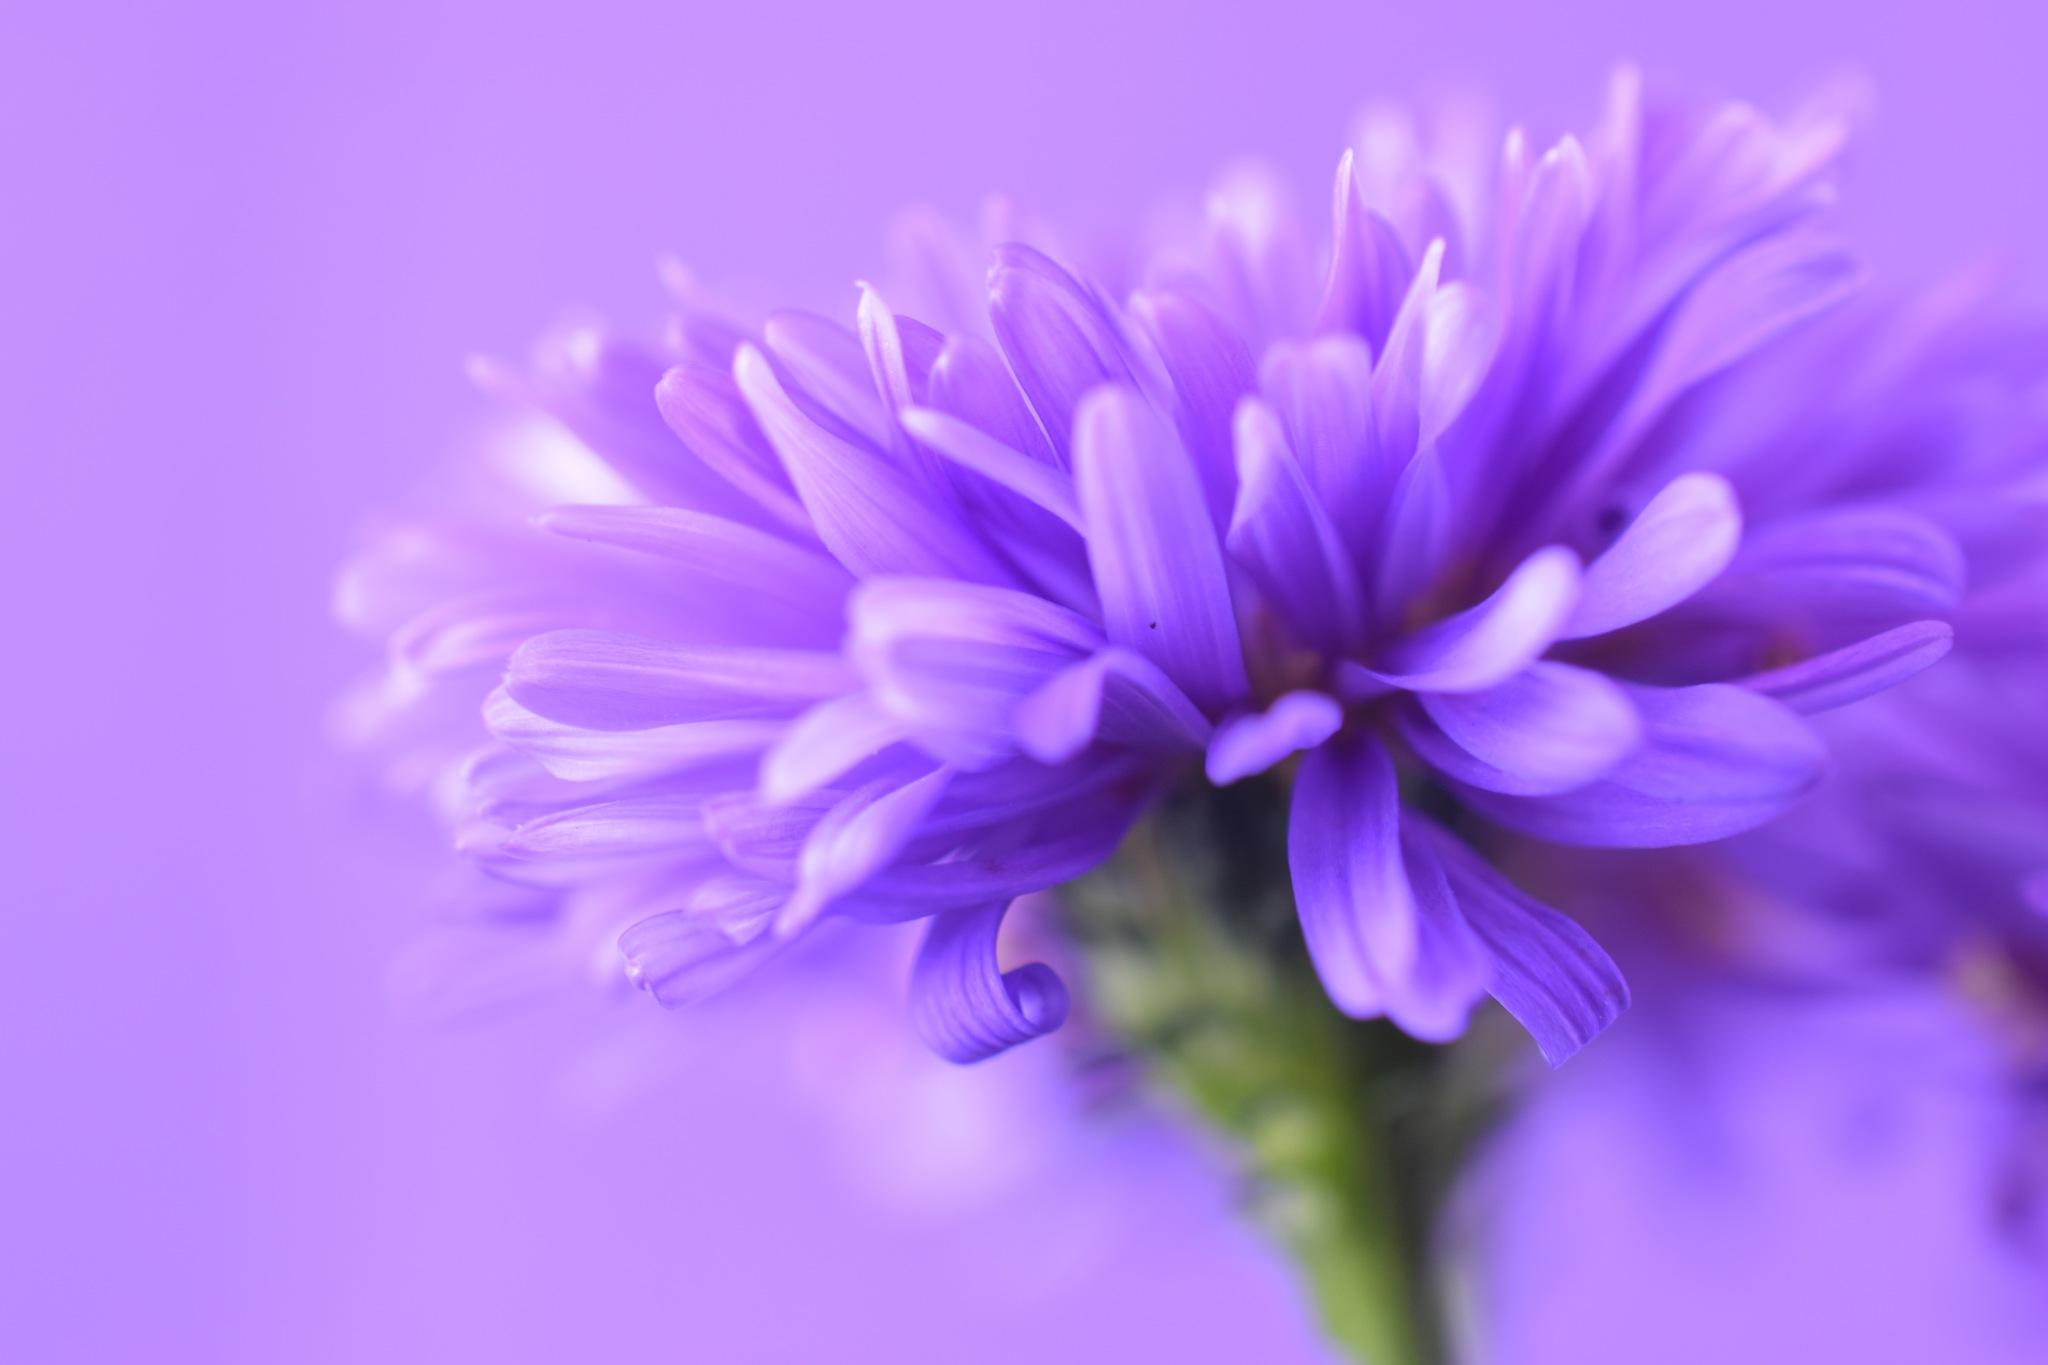 Aster victoria flower VIXIIVIIIII by Theresia Buskas